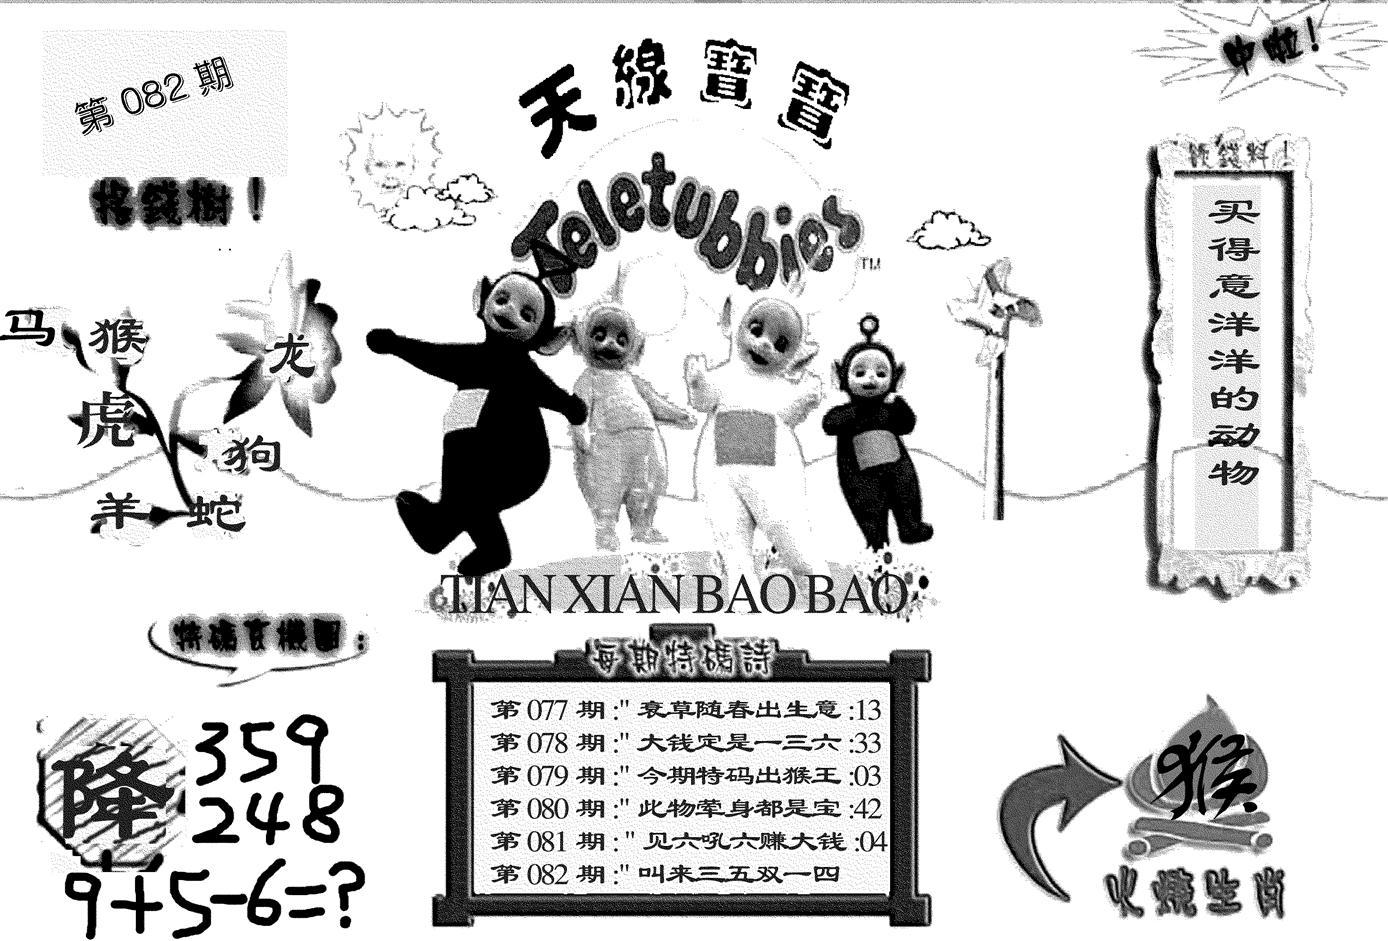 082期天线宝宝(黑白)(黑白)